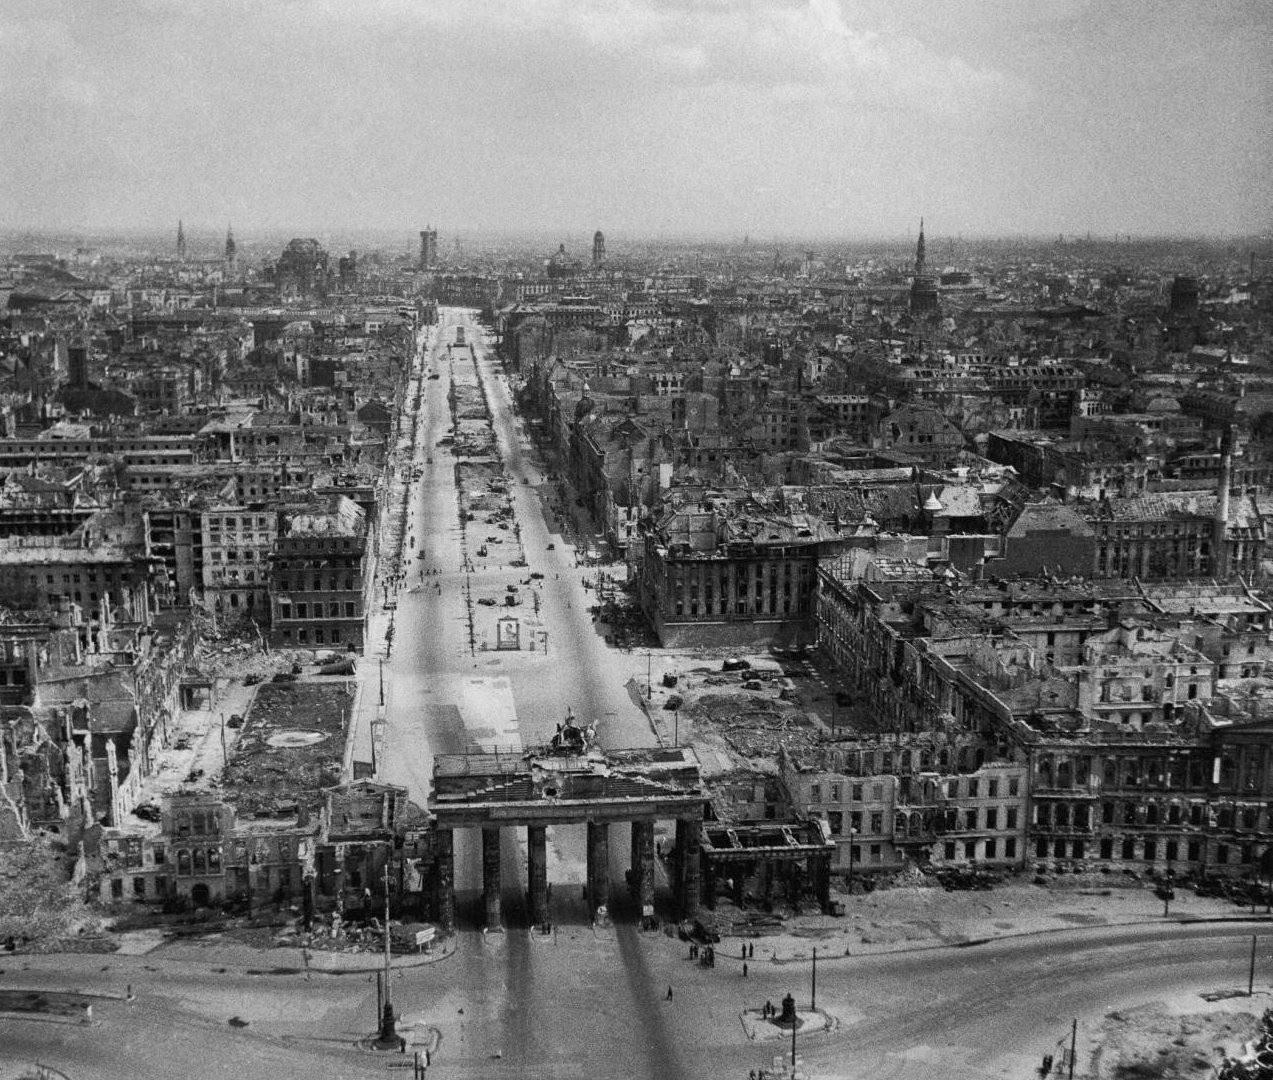 Berlin in 1945.jpg